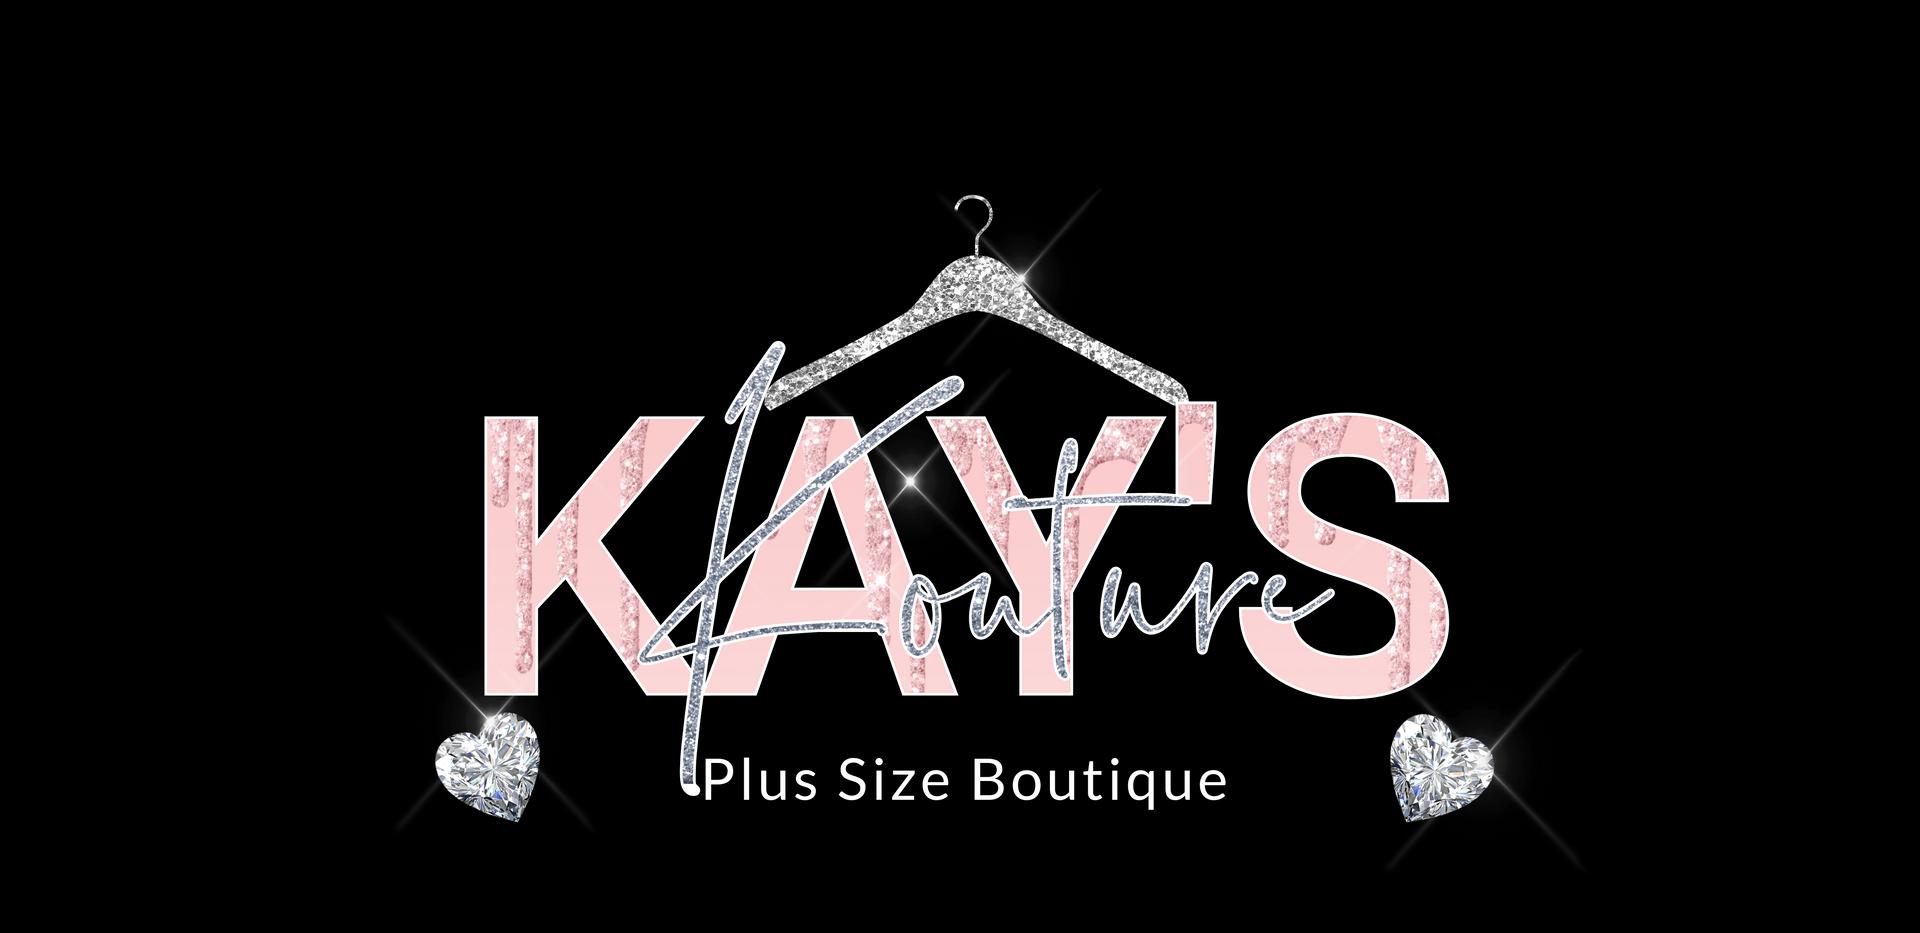 lux-boutique-logo-025_5f7e6f0c2b81a7_847